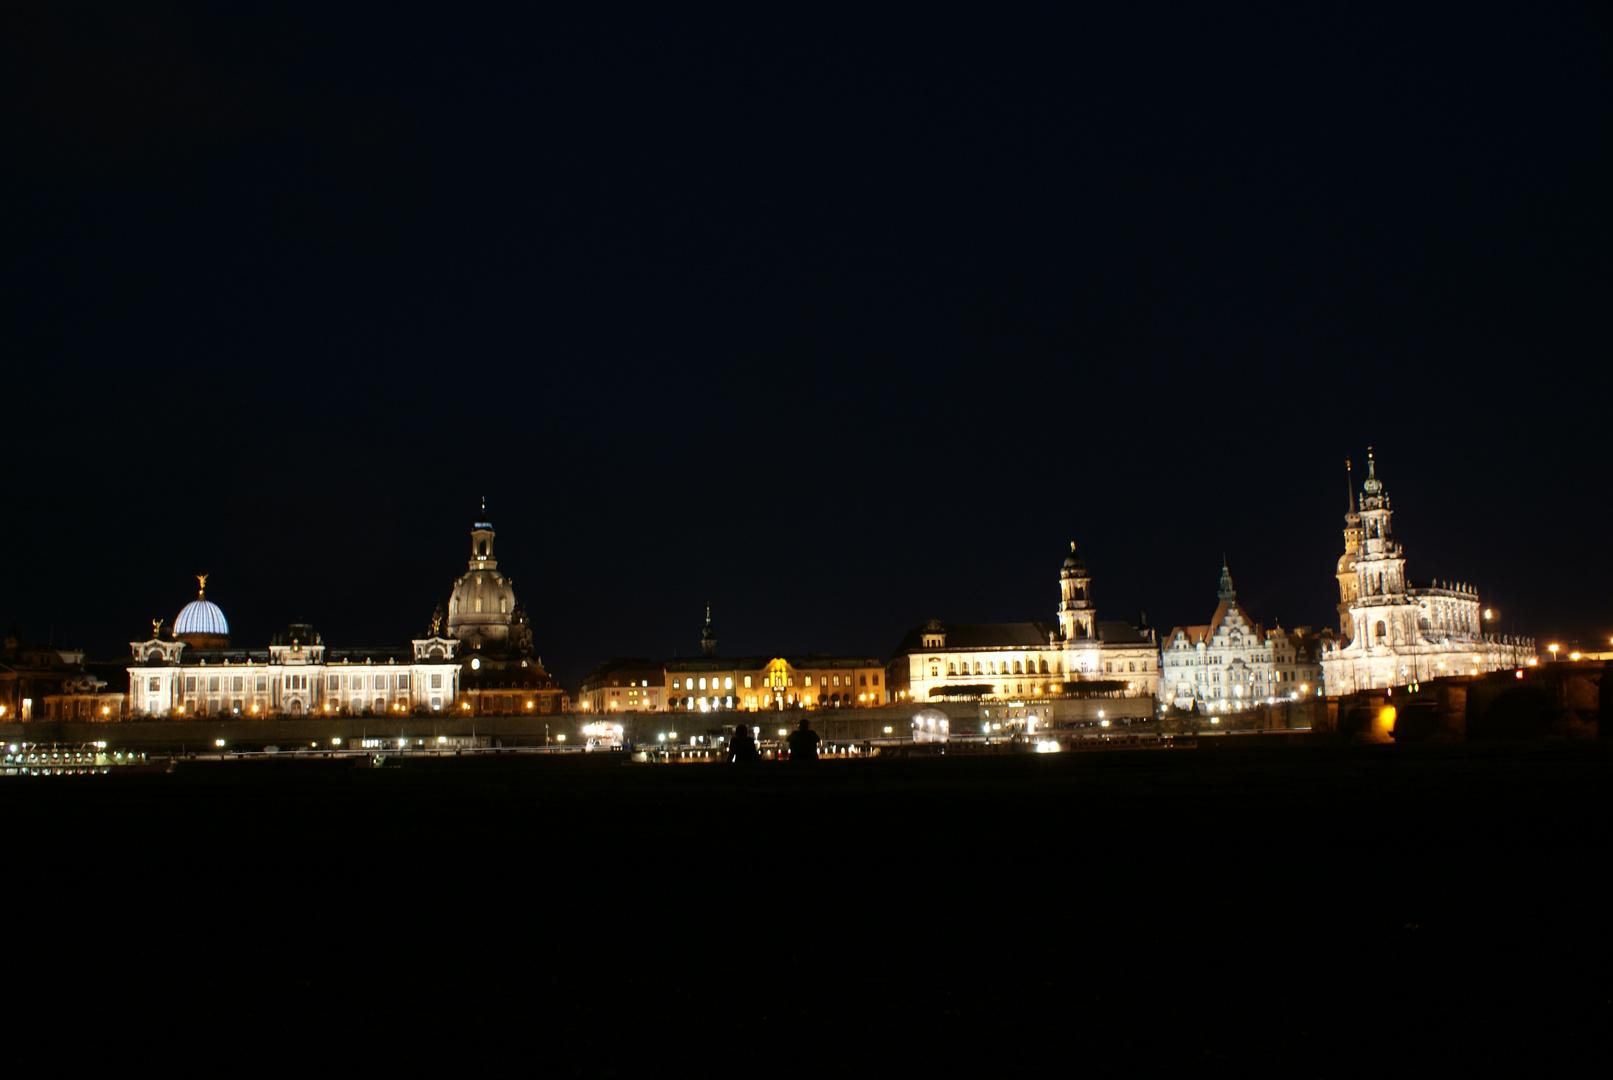 Dresden - Am Ufer der Elbe